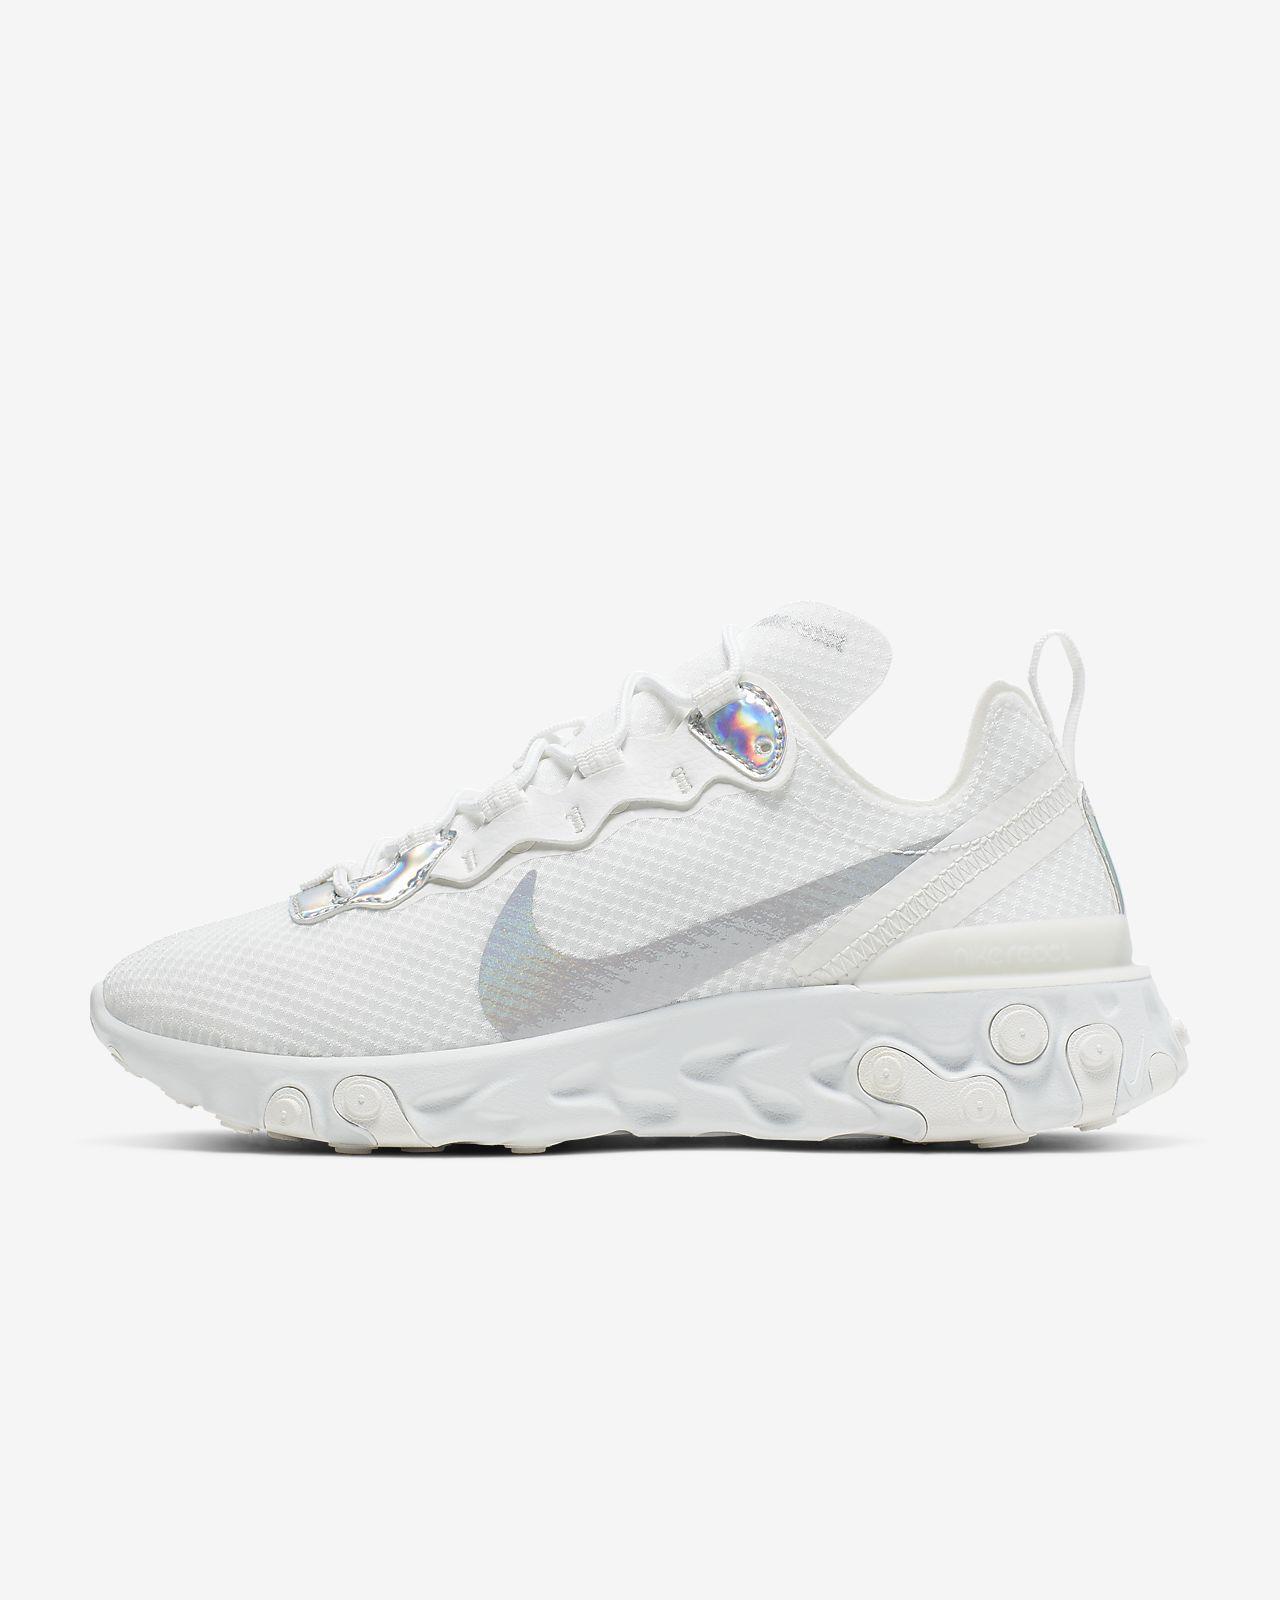 Sapatilhas iridescentes Nike React Element 55 para mulher